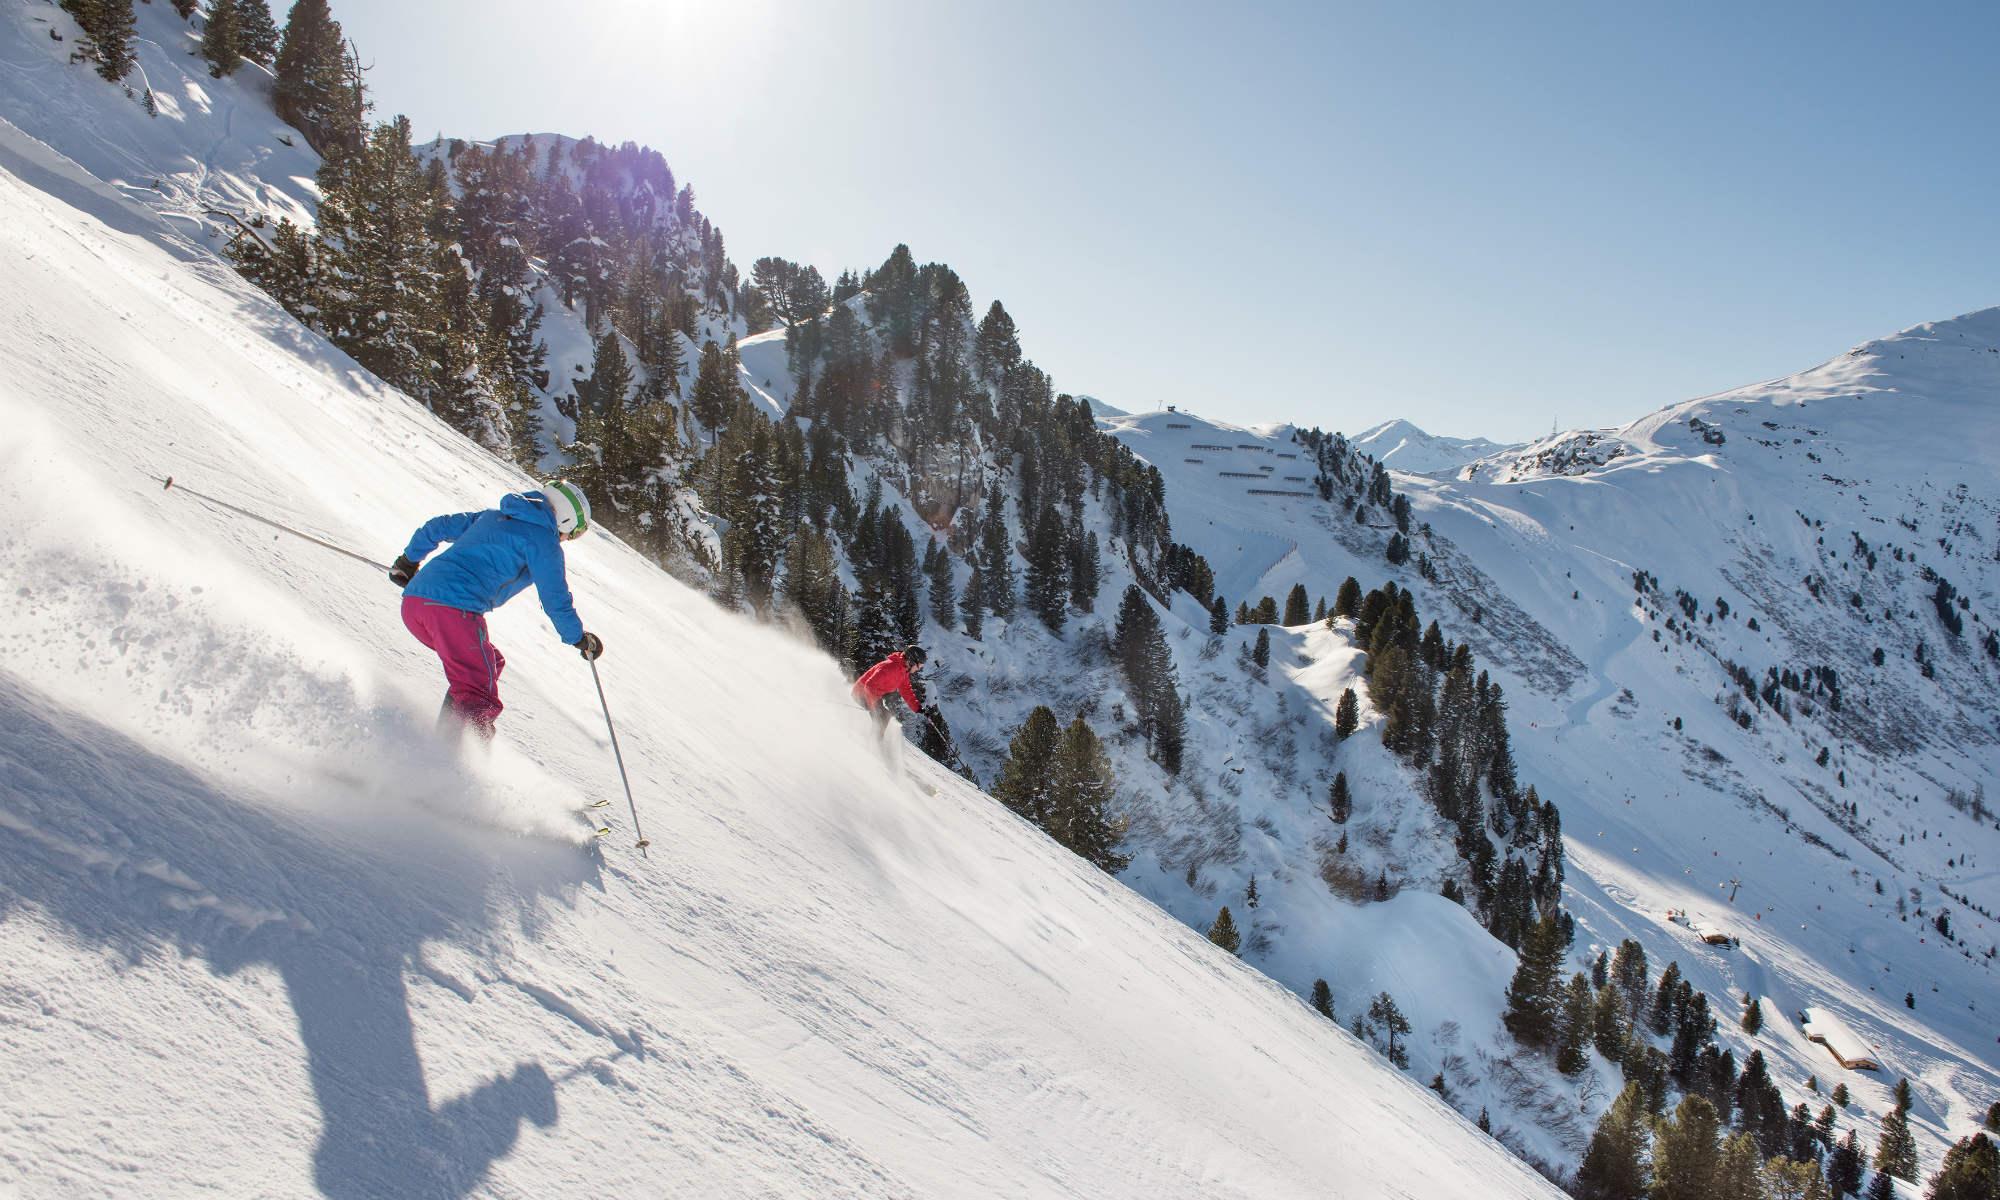 2 Skifahrer gleiten über die sonnige Harakiri-Abfahrt im schneesicheren Skigebiet Mayrhofen.